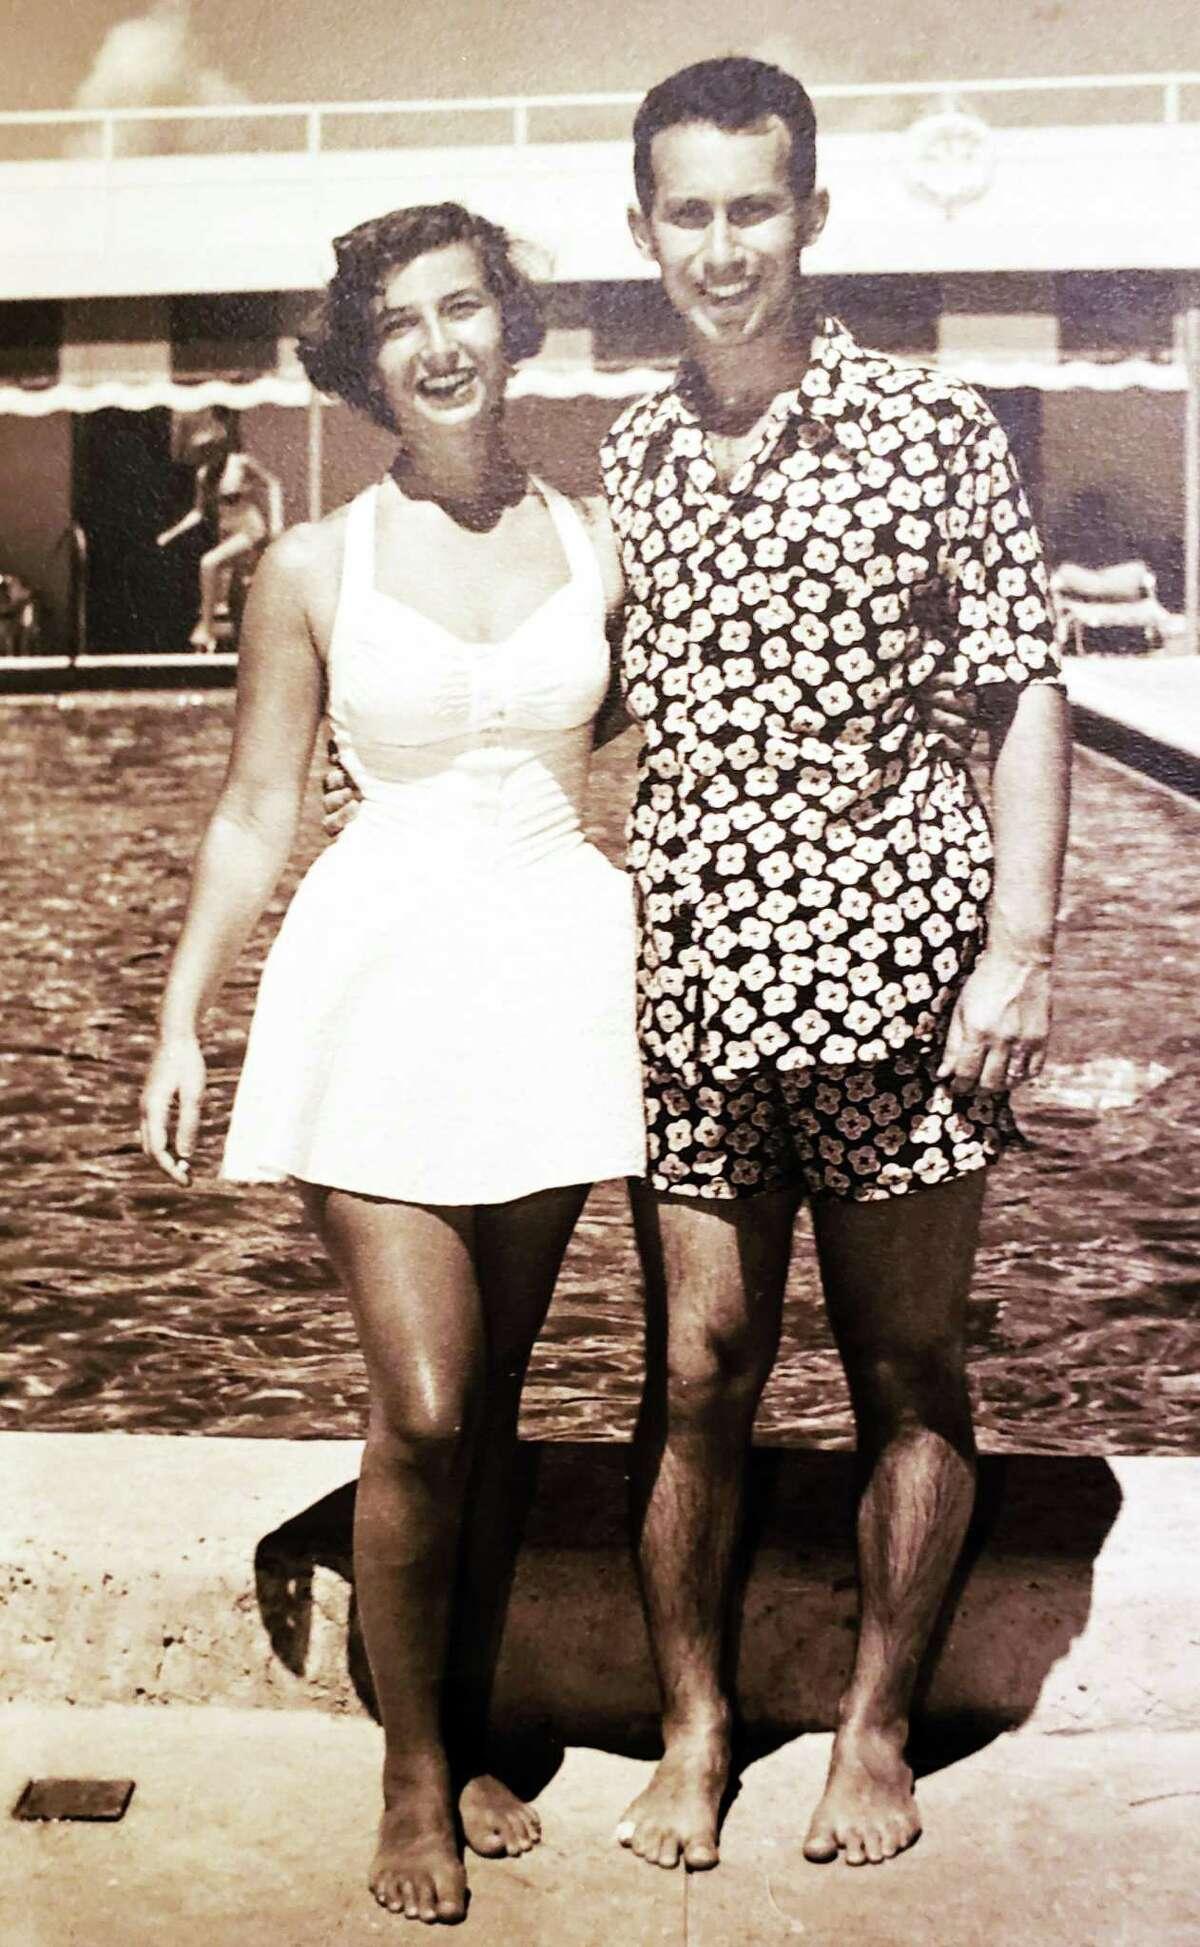 Philip and Jane Ginsburg, of Danbury, pictured on their honeymoon around Sept. 21, 1951.